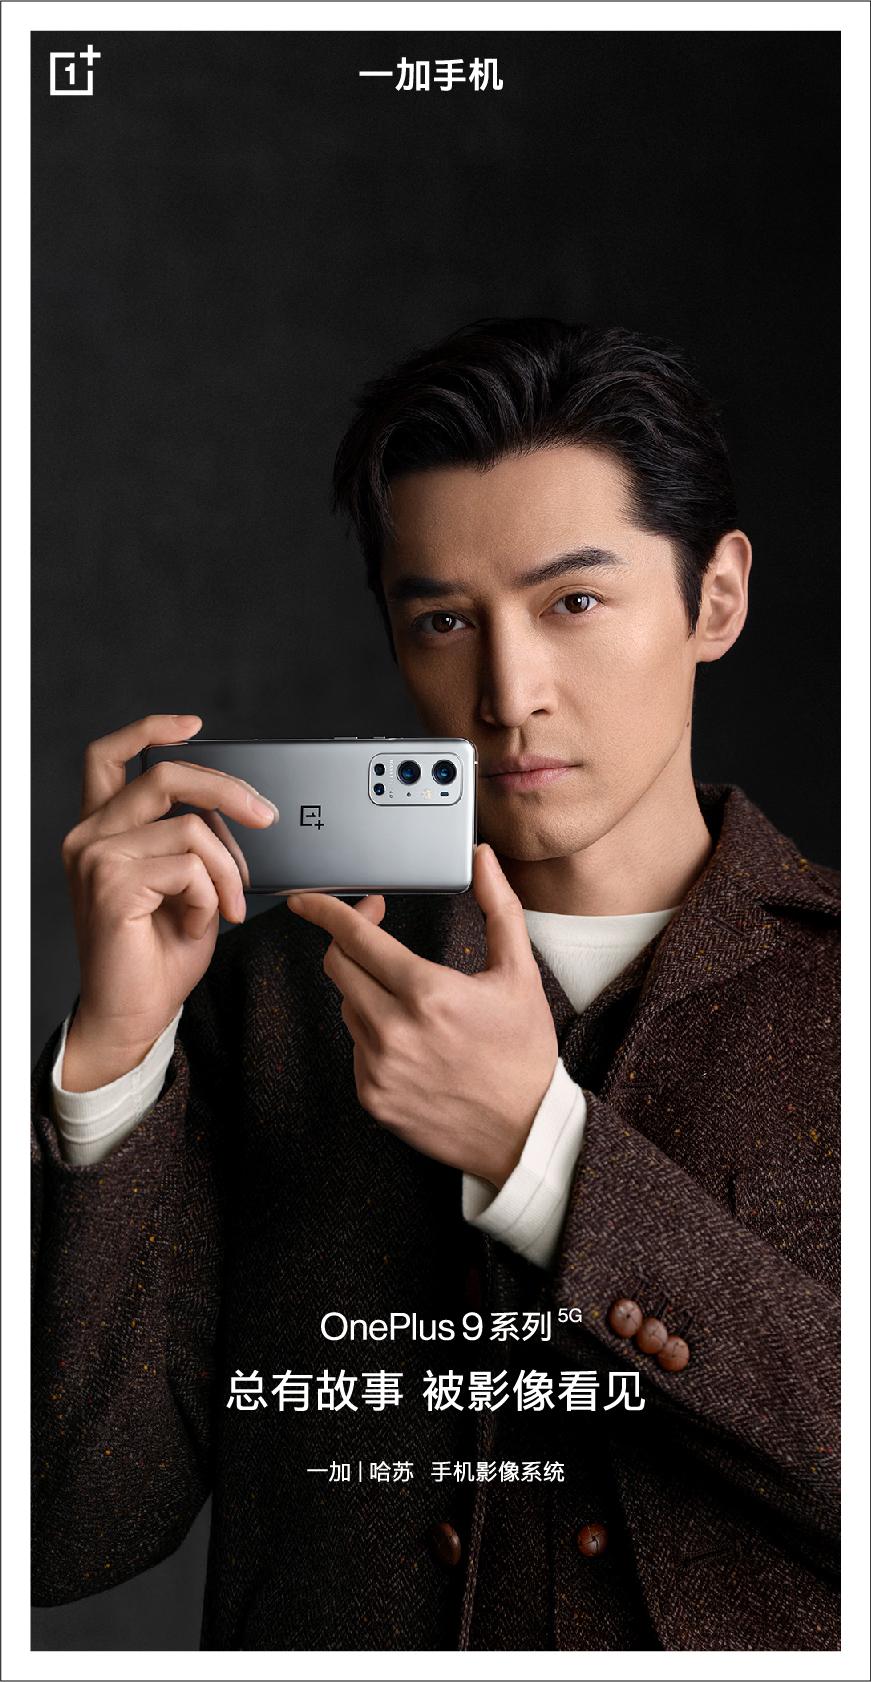 OnePlus 9 KV 线上Final 胡歌官宣.jpg